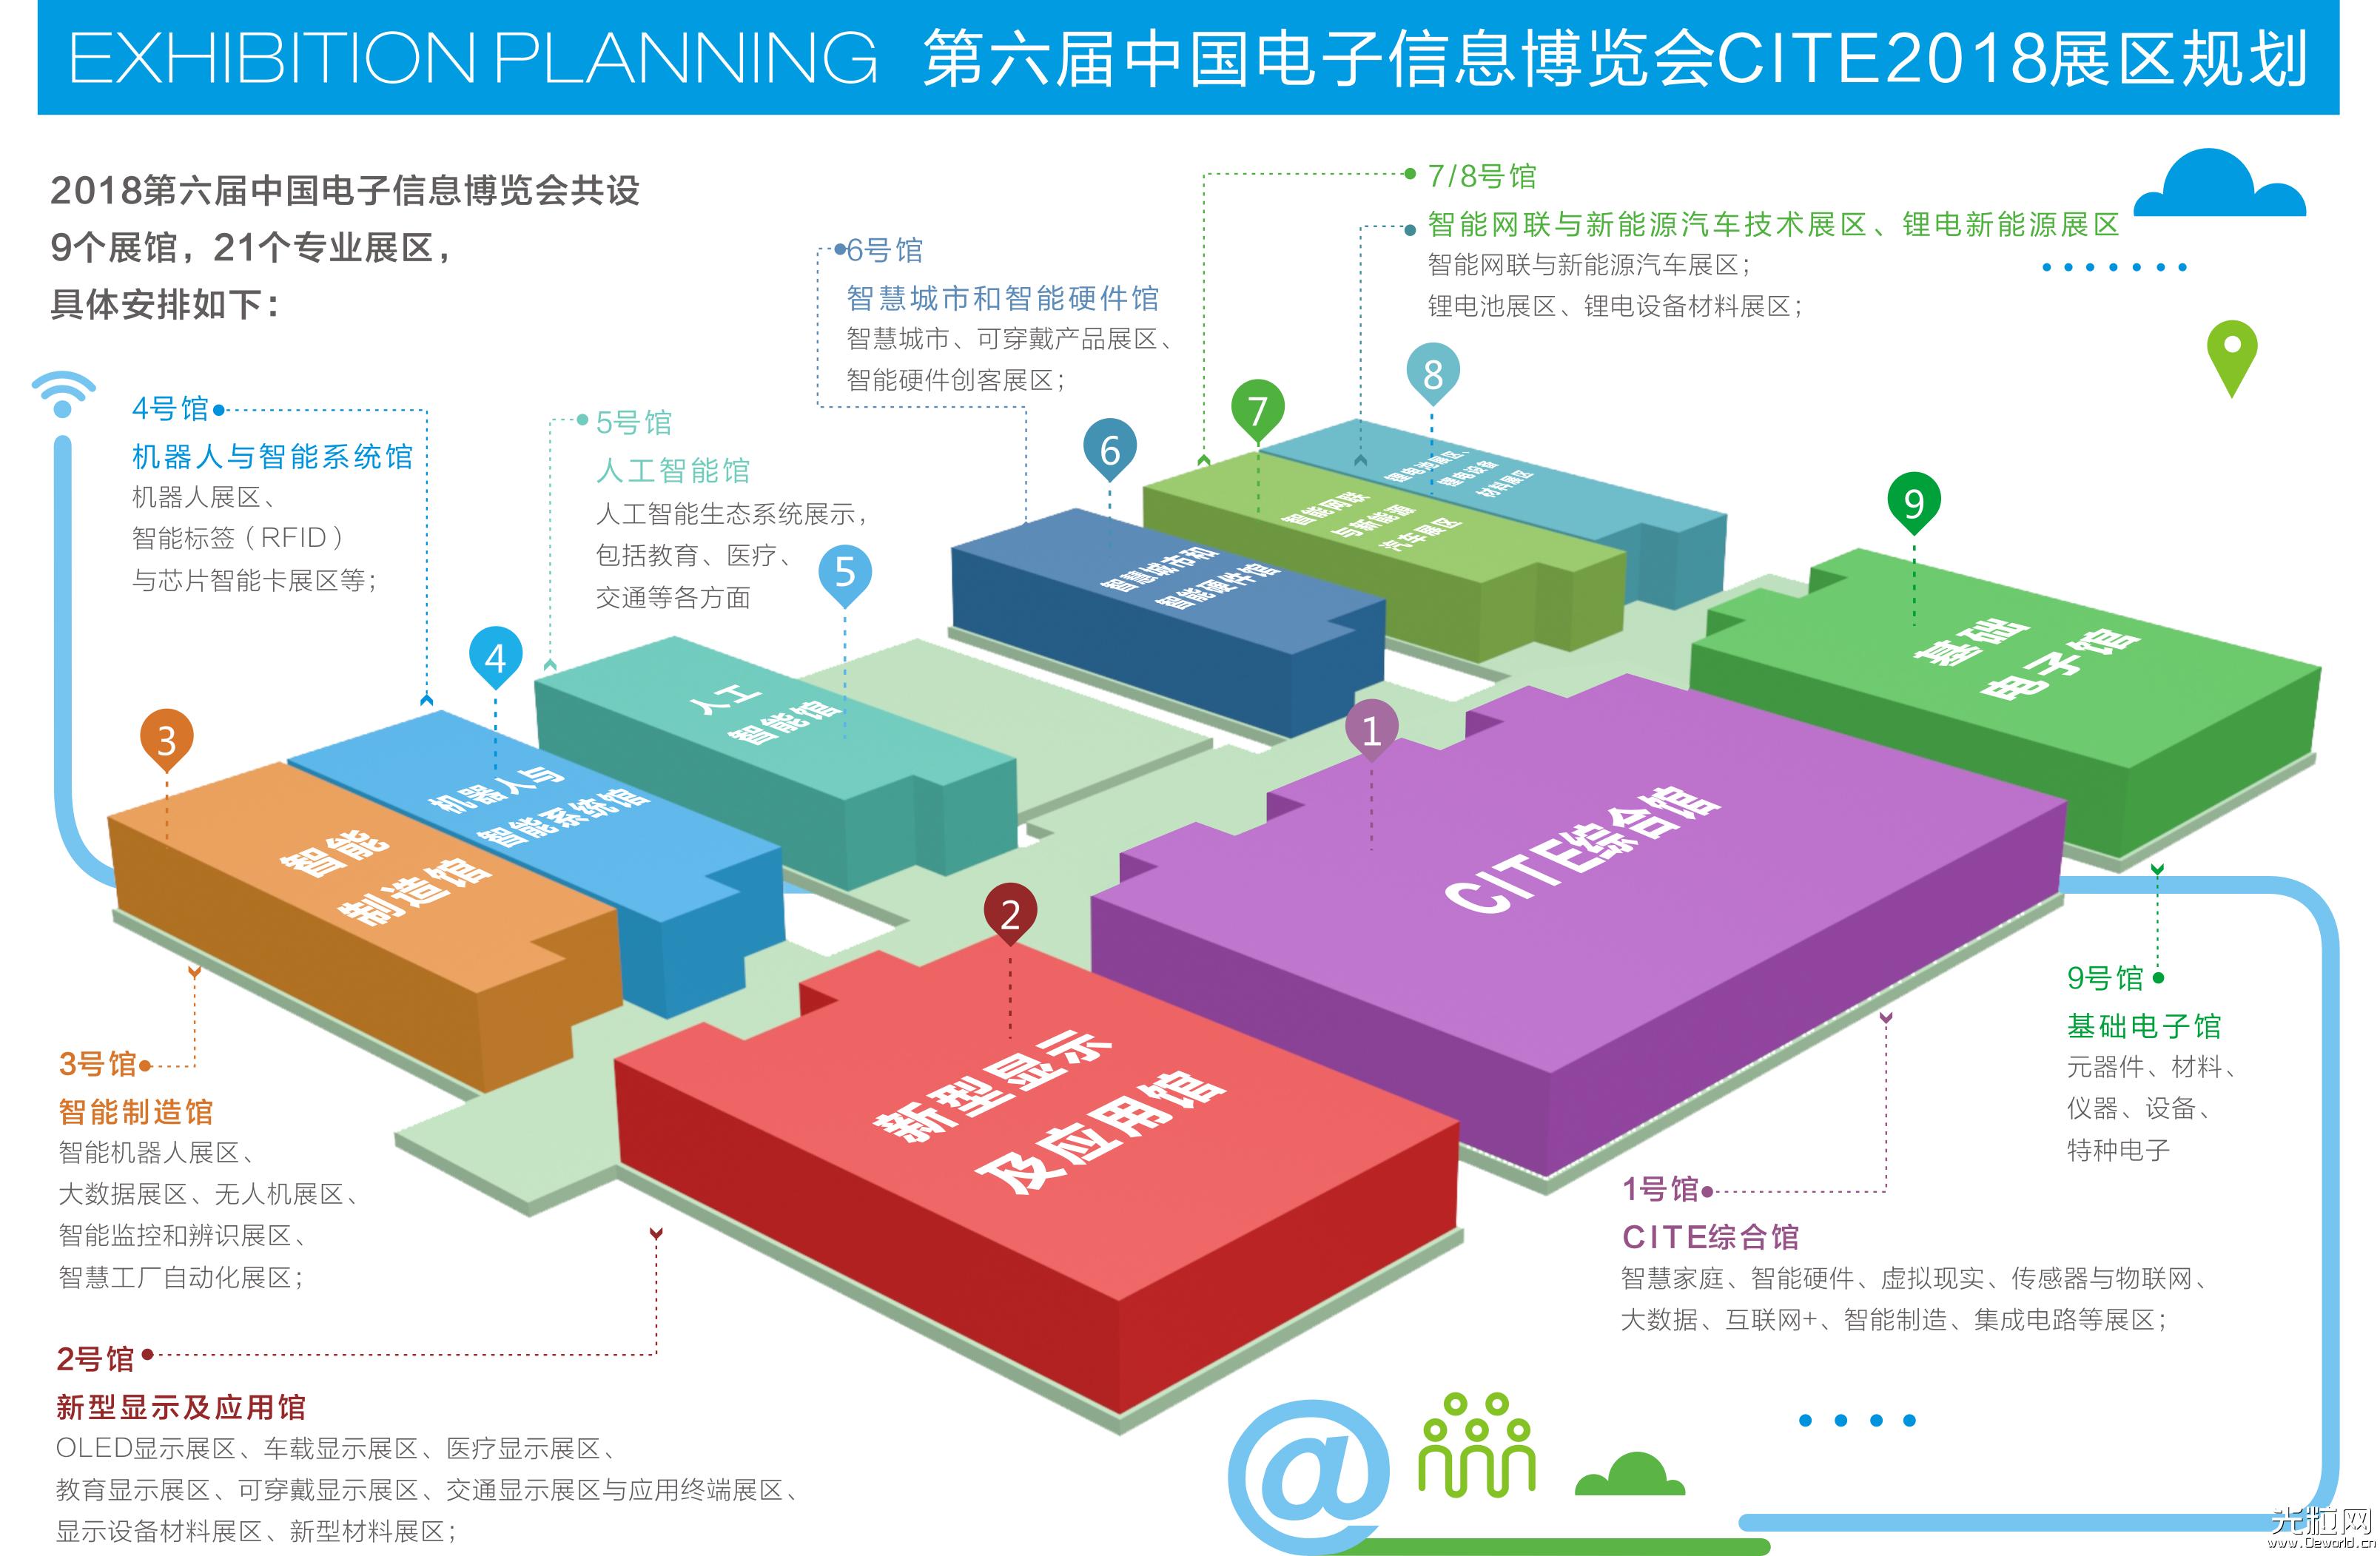 新时代新规划CITE2018招展进行时